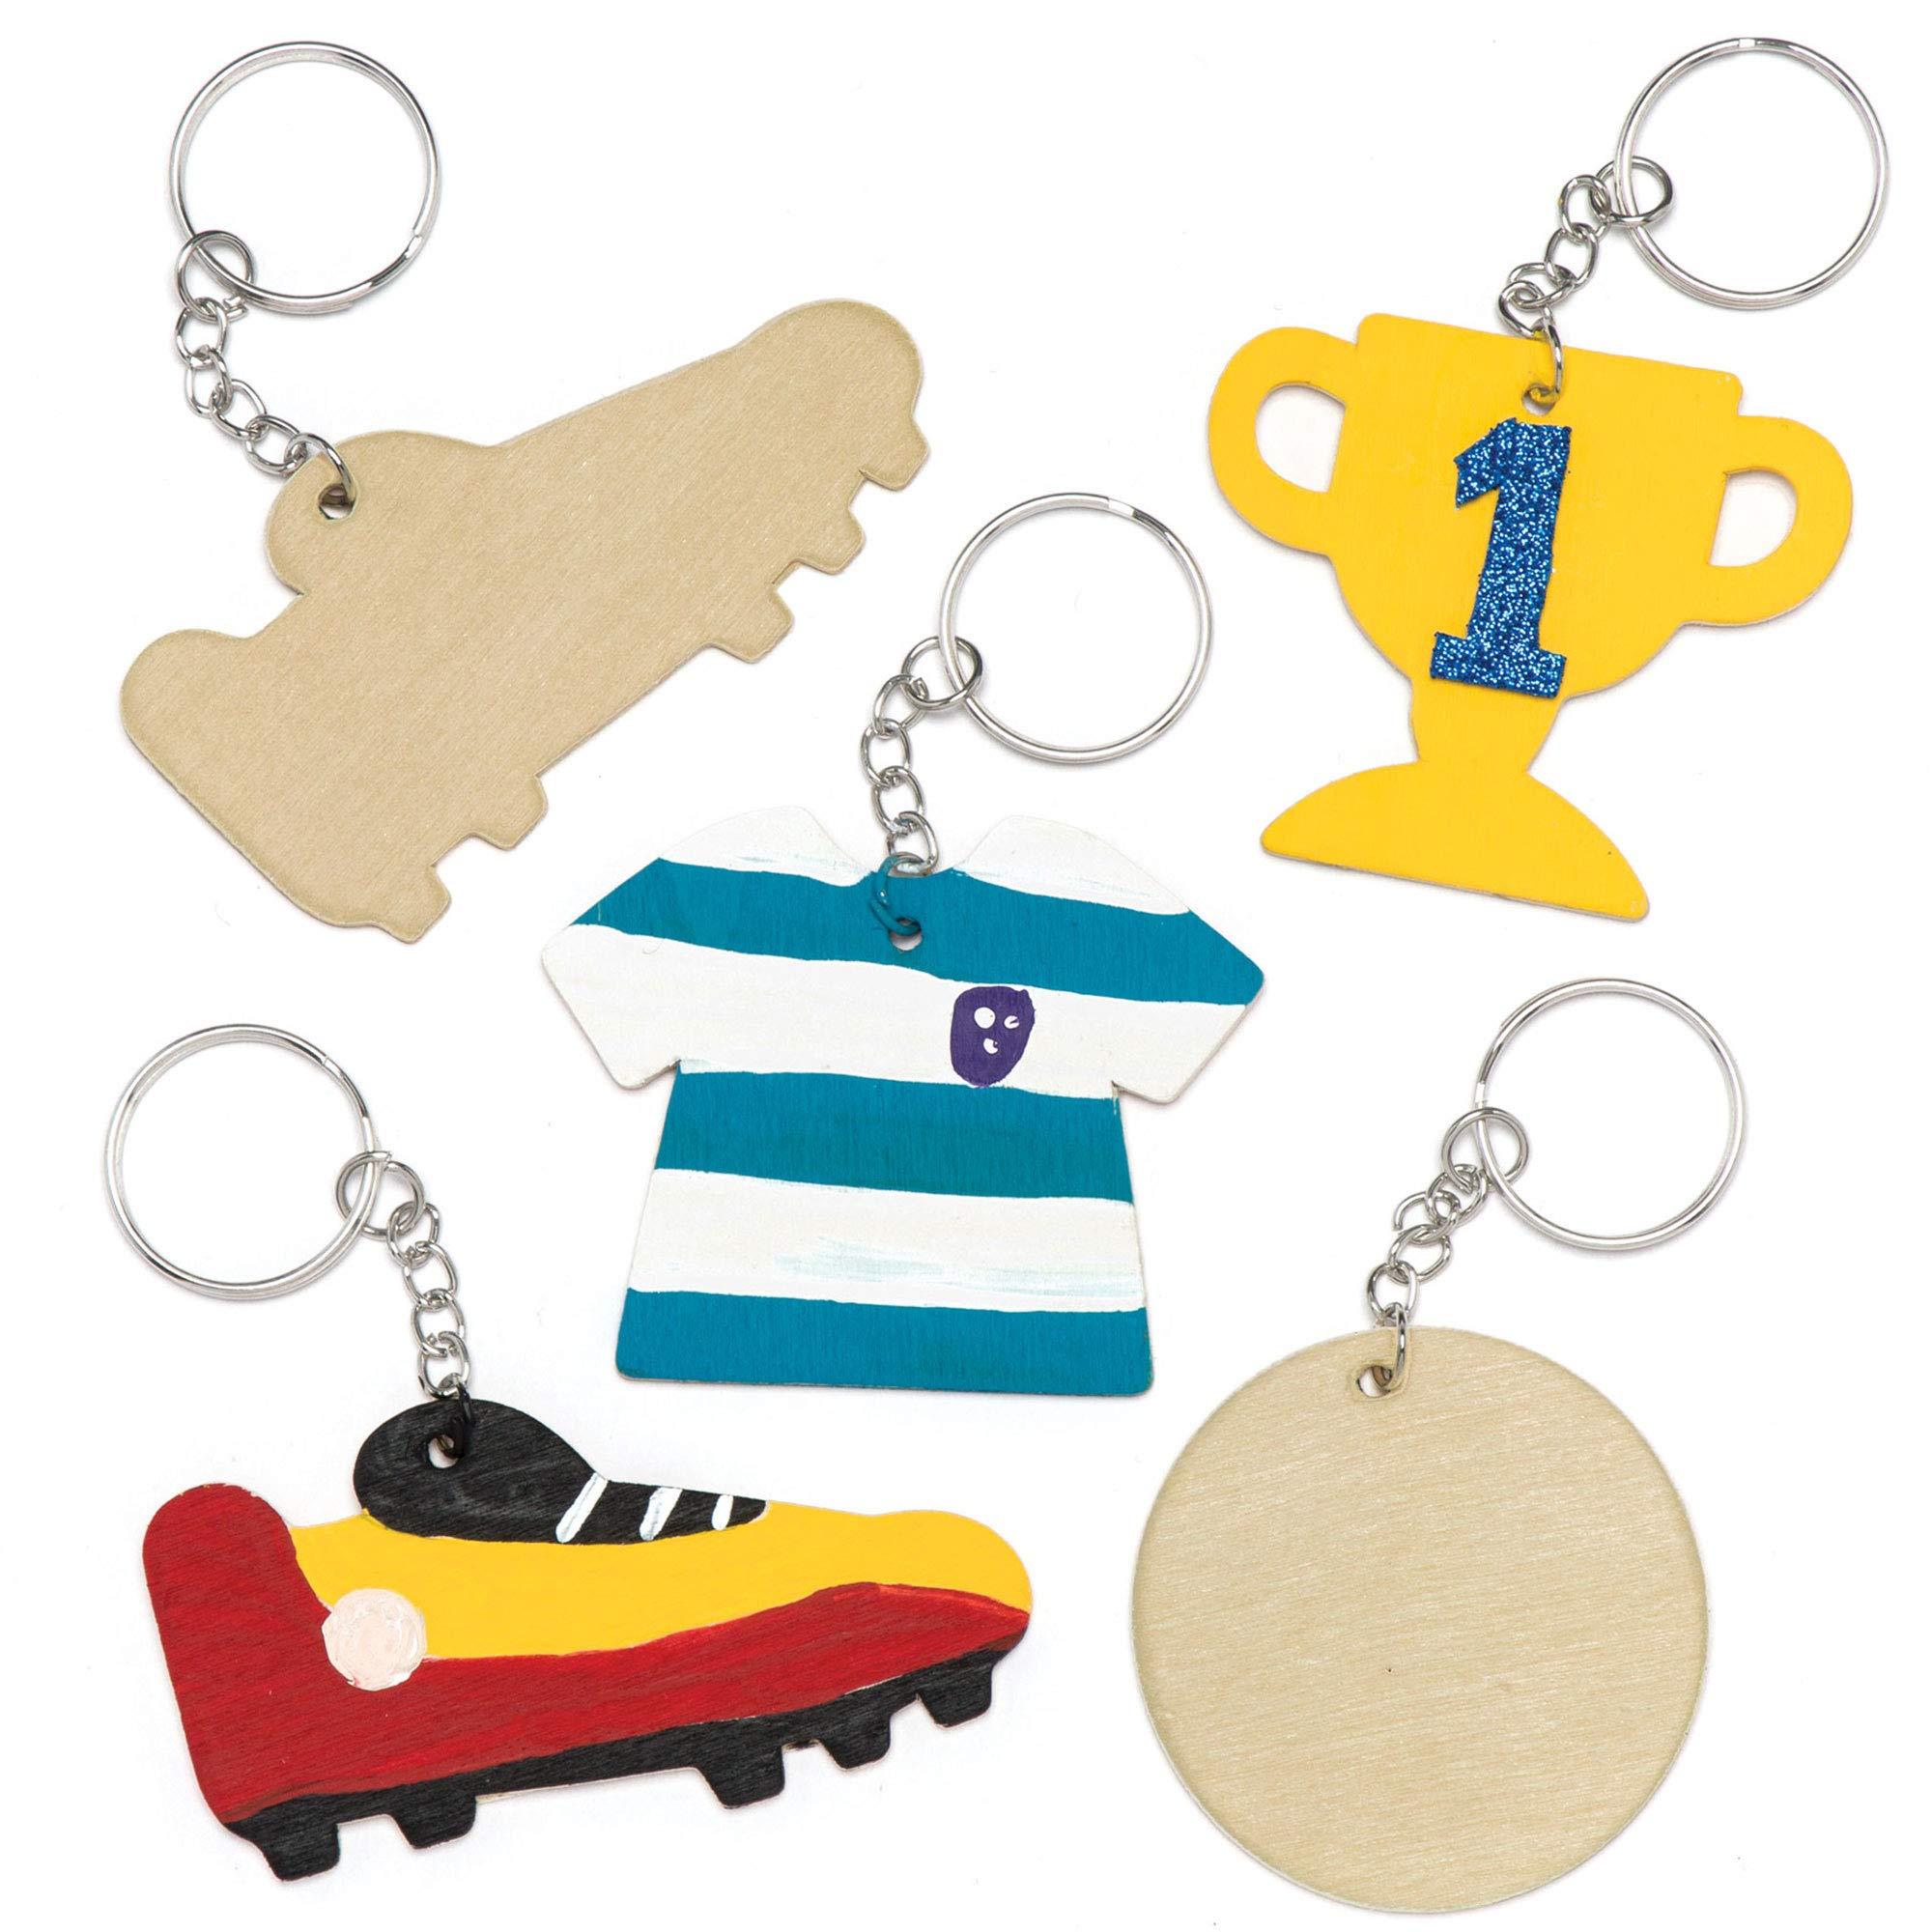 Baker Ross- Llaveros de balones de fútbol de Madera (Pack de 8) Que los niños Pueden Colorear y Decorar - Juego de Manualidades Infantiles: Amazon.es: Juguetes y juegos